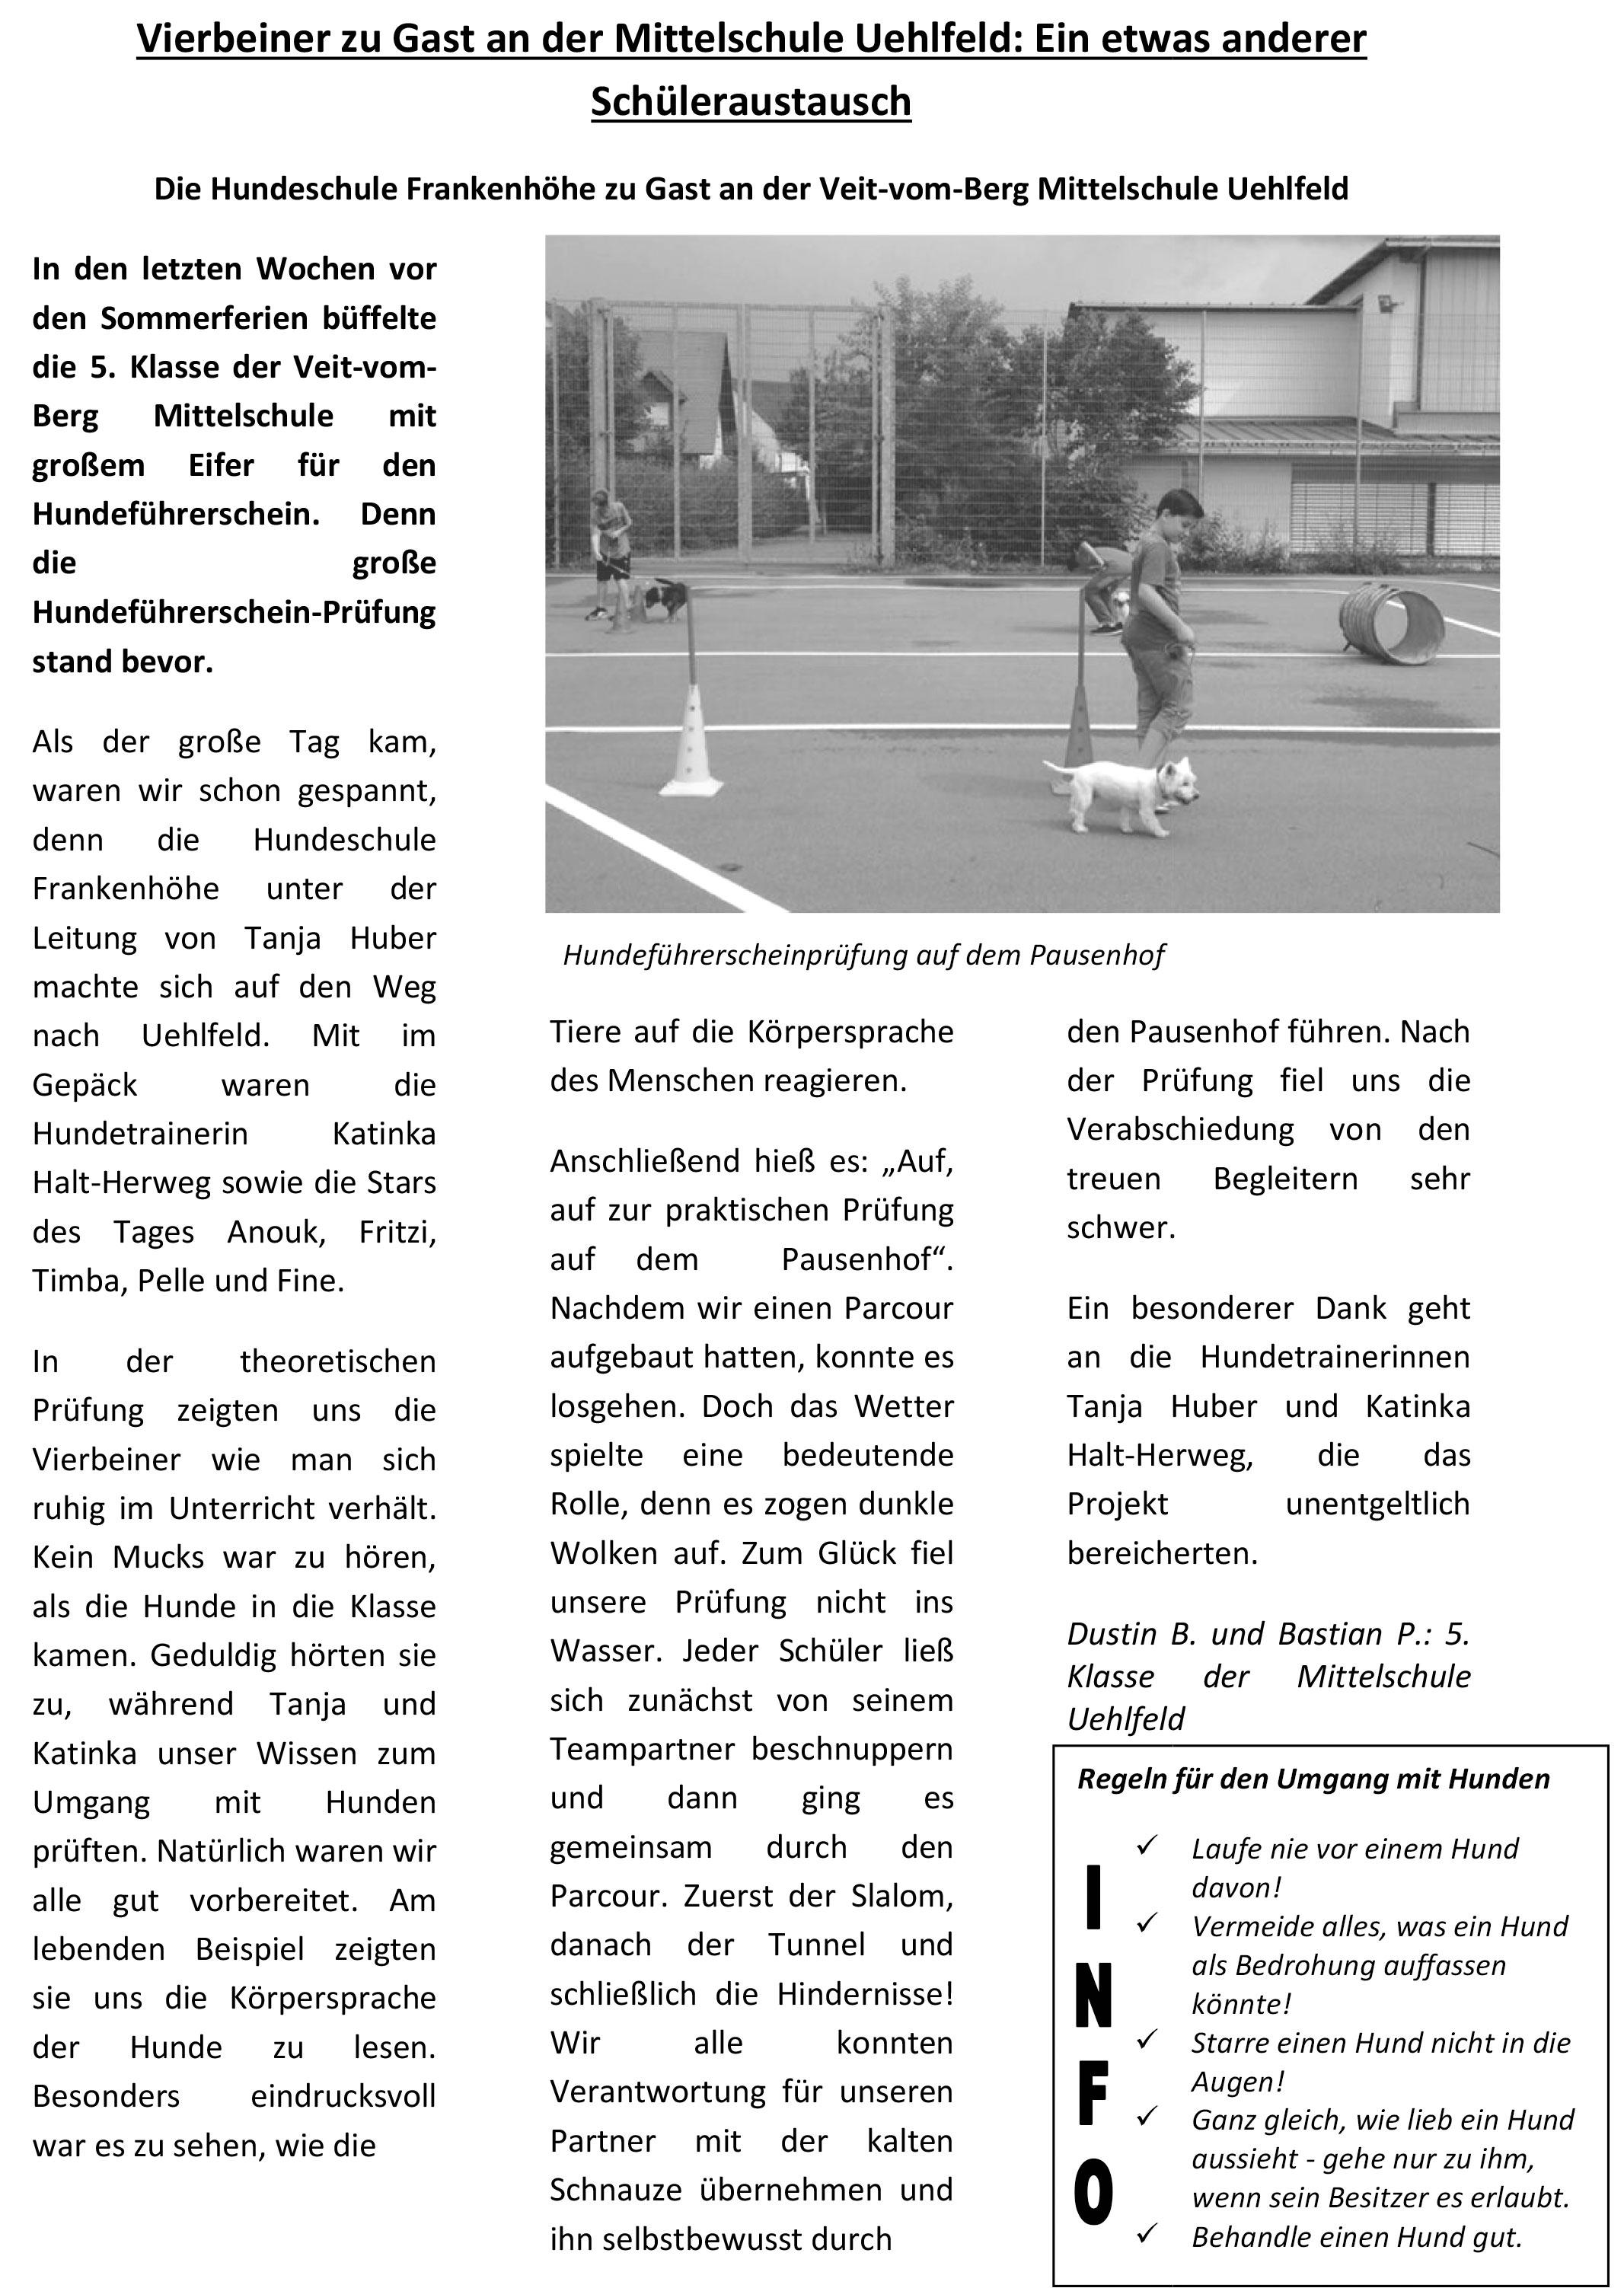 mittelschule_uehlfeld